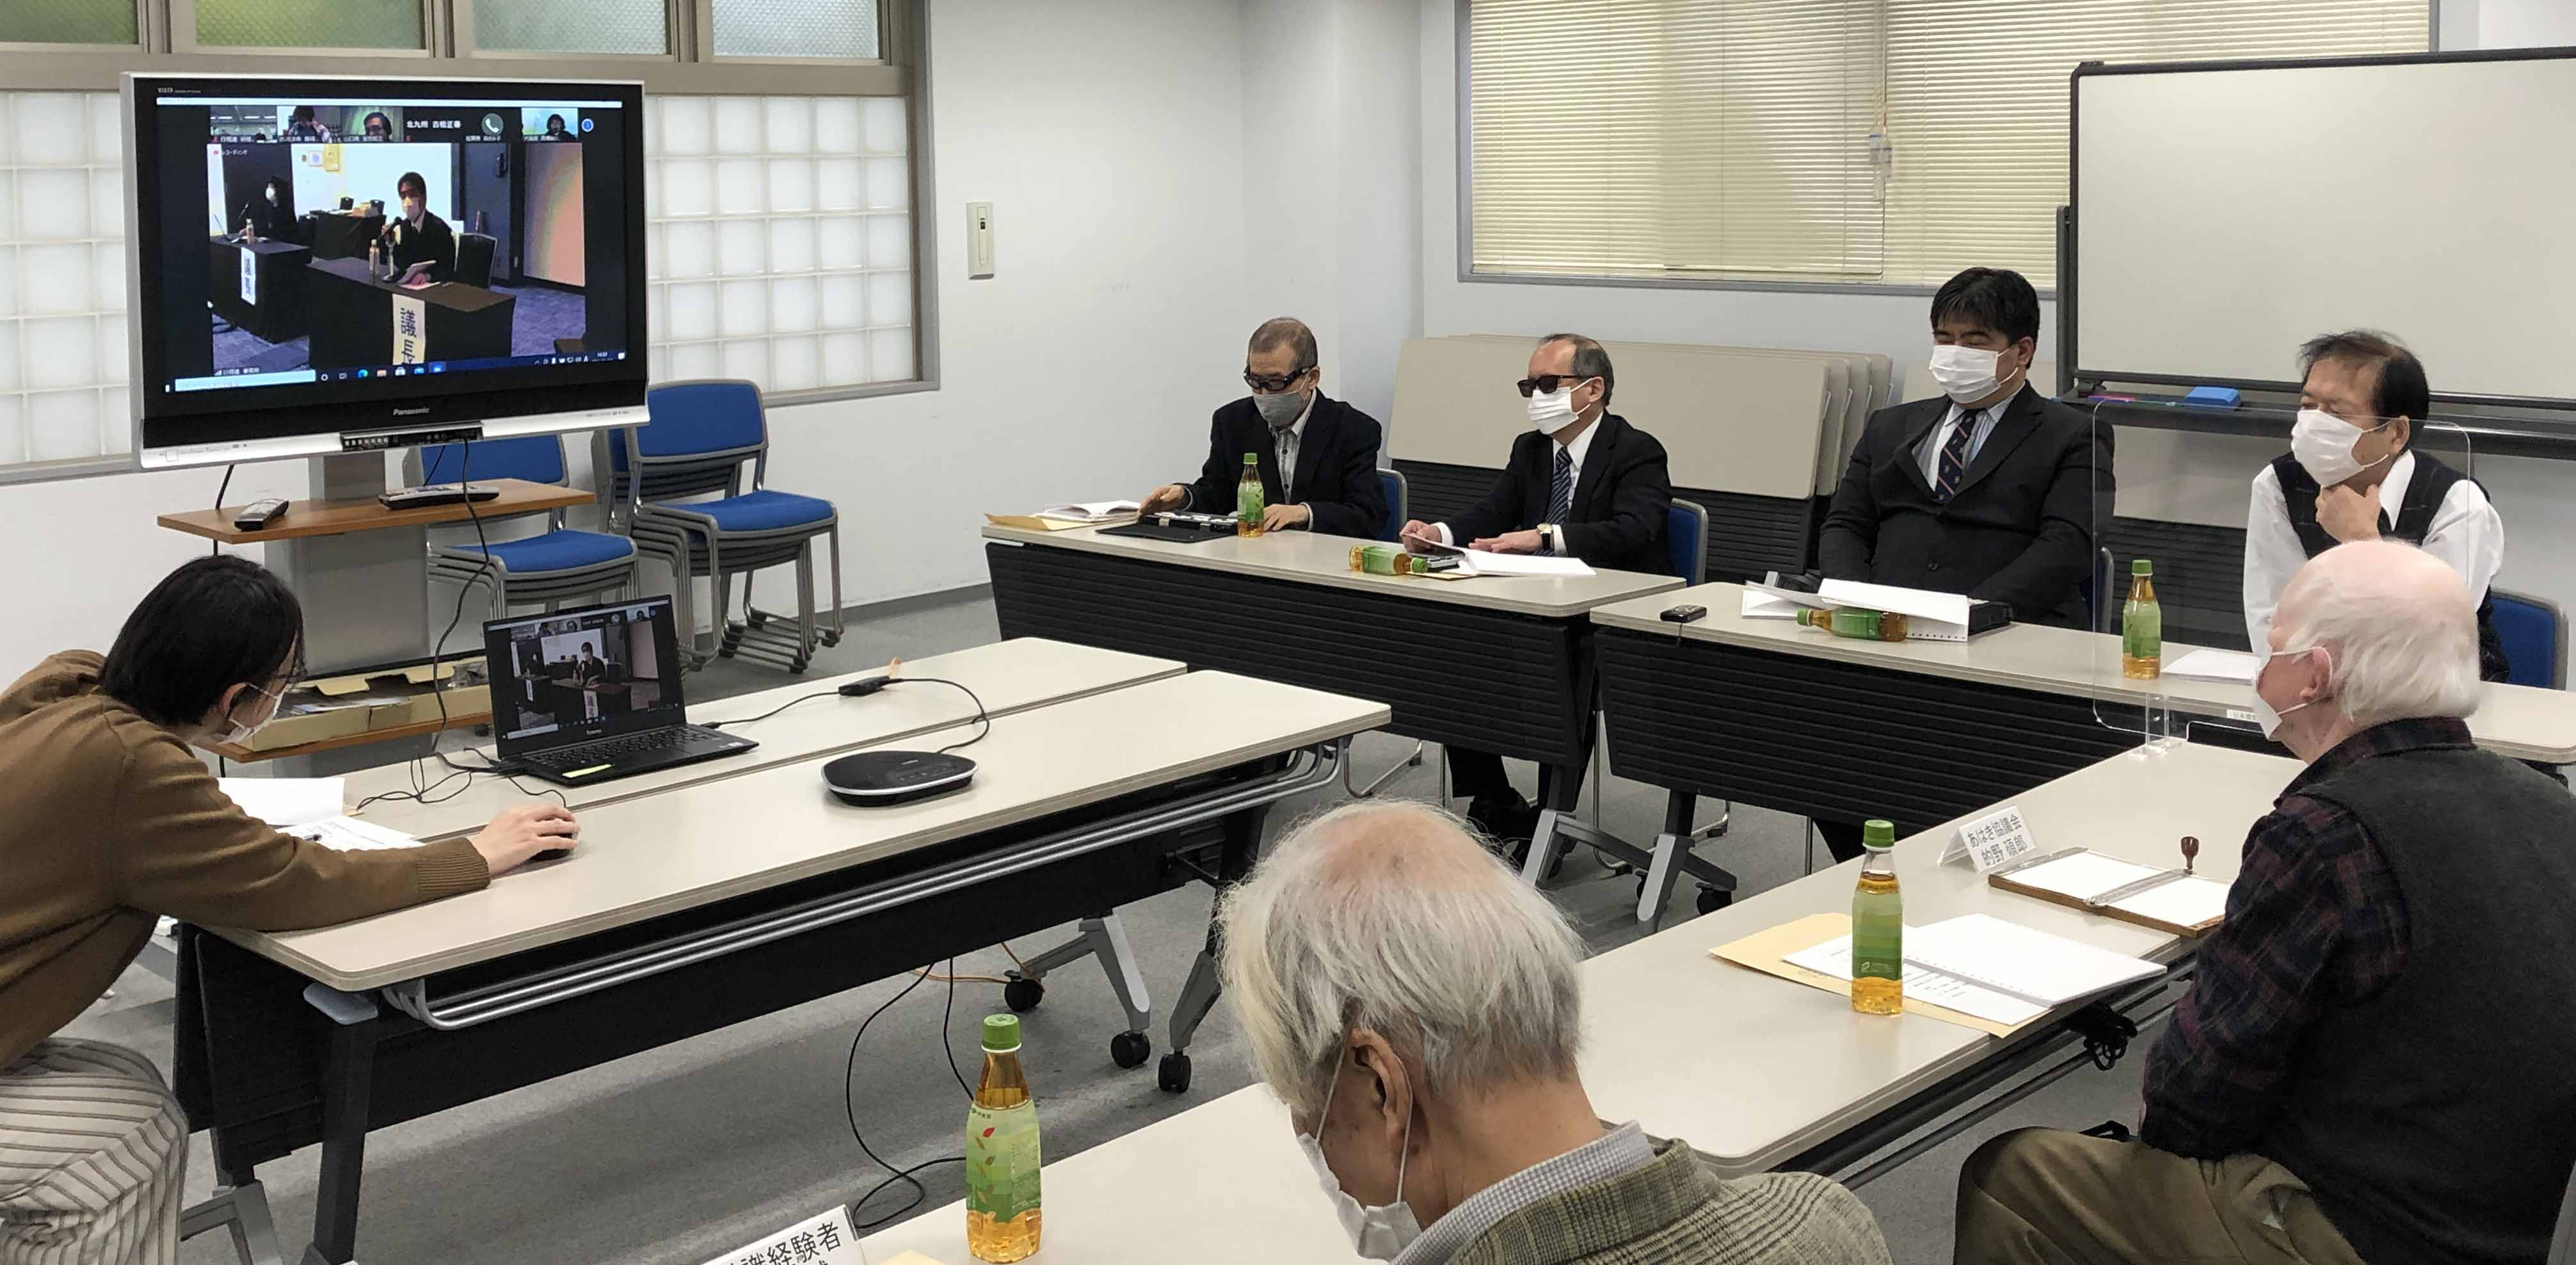 感染防止のため会場を分け、全国の評議員とオンラインで繋いで行われた。写真は、日本視覚障害者センター会場の様子